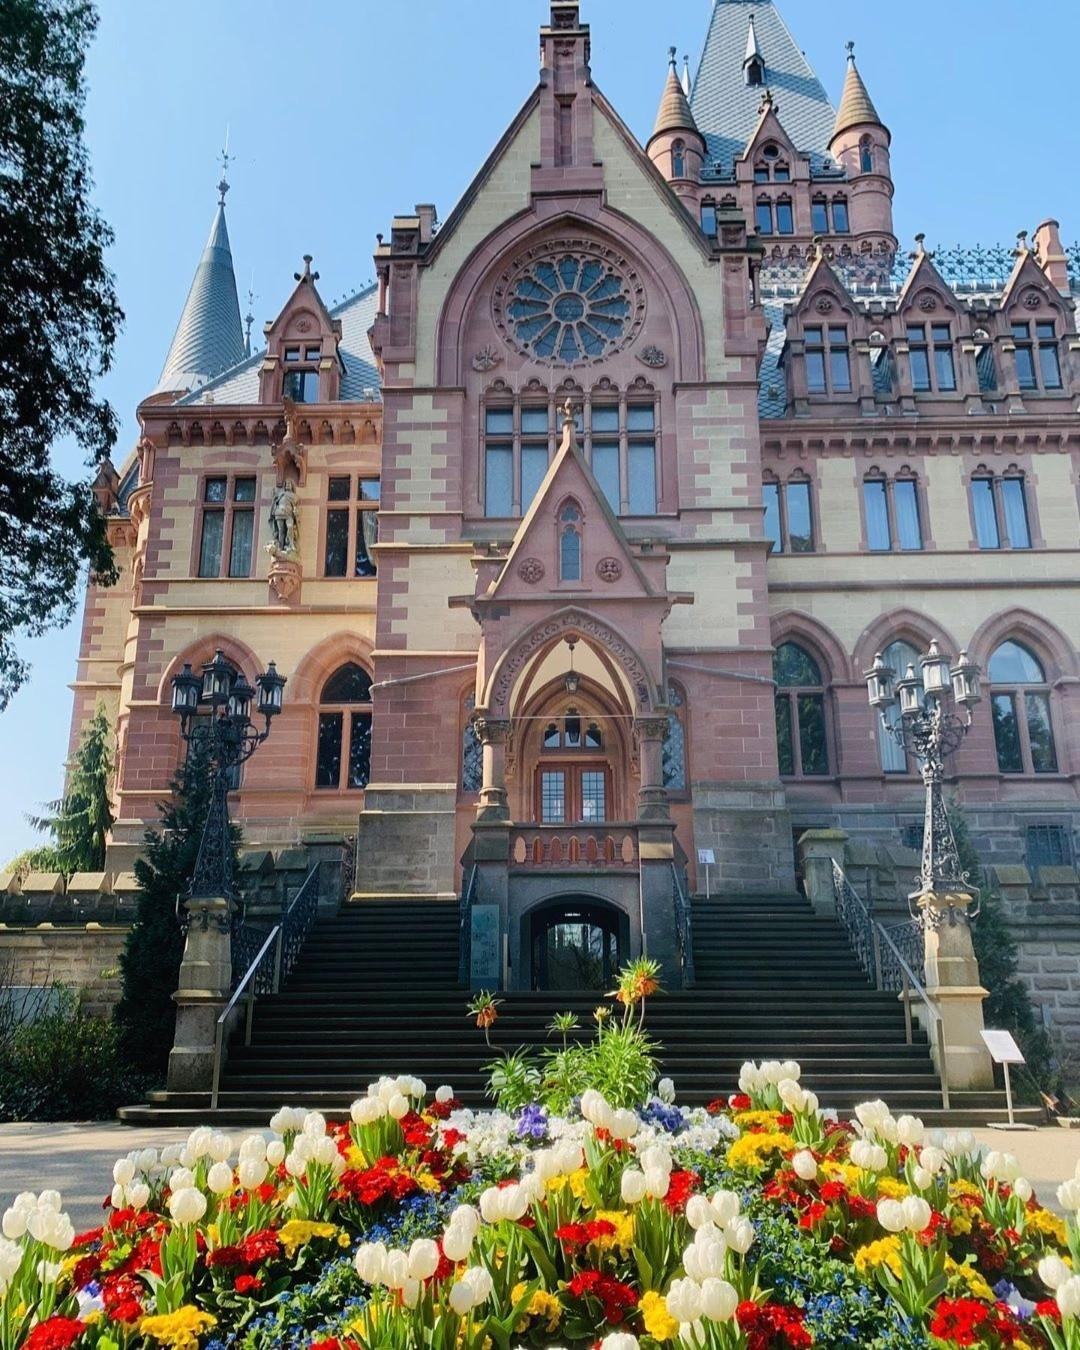 童话中的城堡(Schloss Drachenburg)